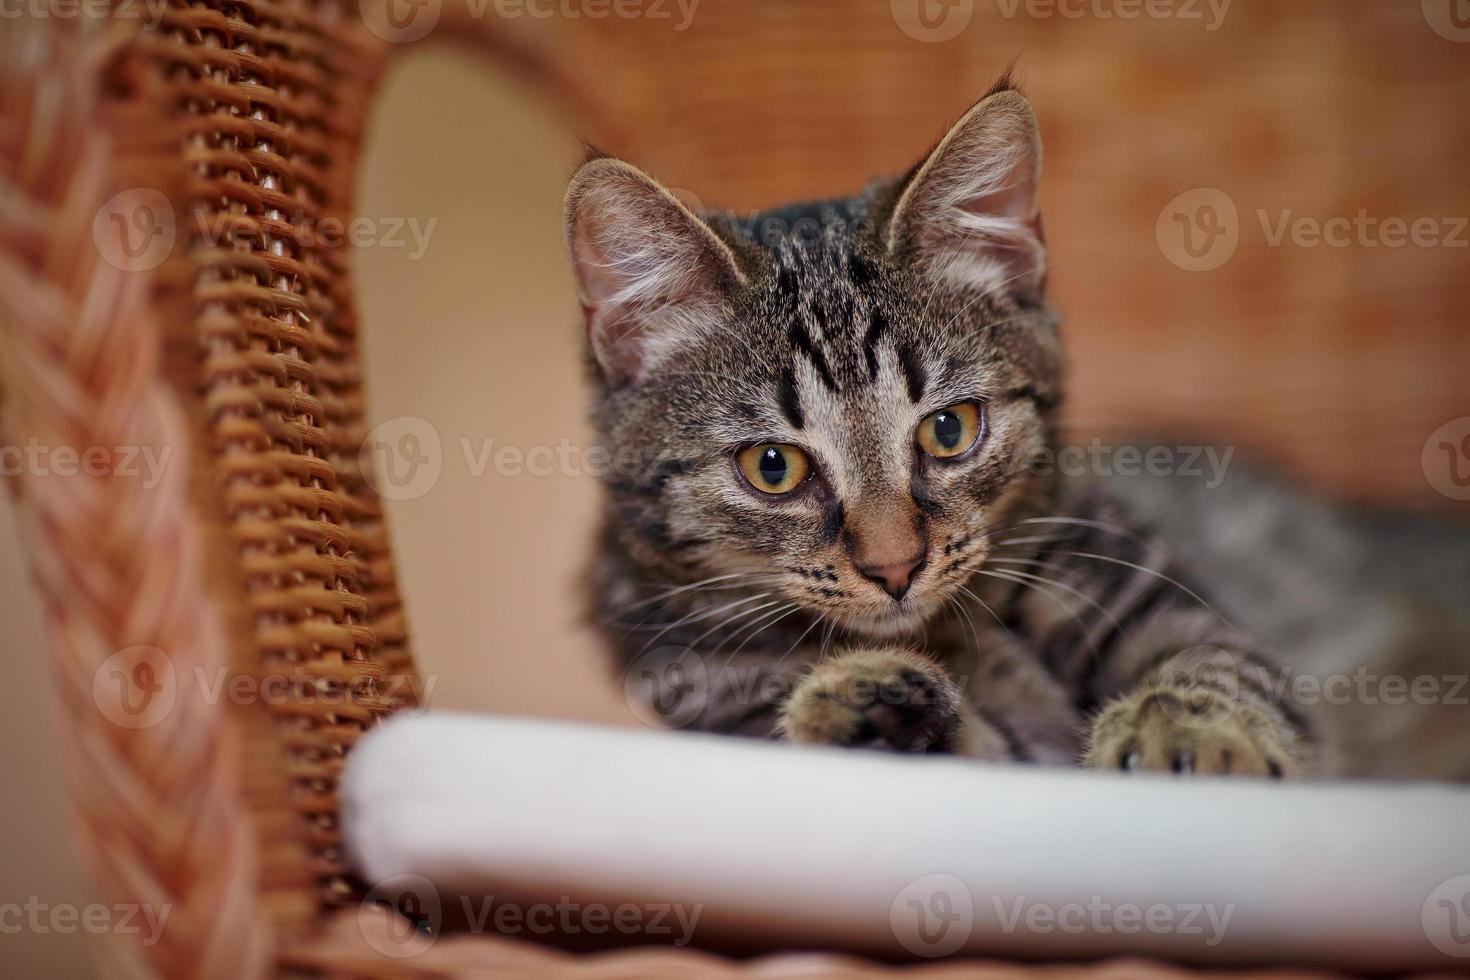 ritratto di un gattino domestico a strisce su una sedia di vimini foto